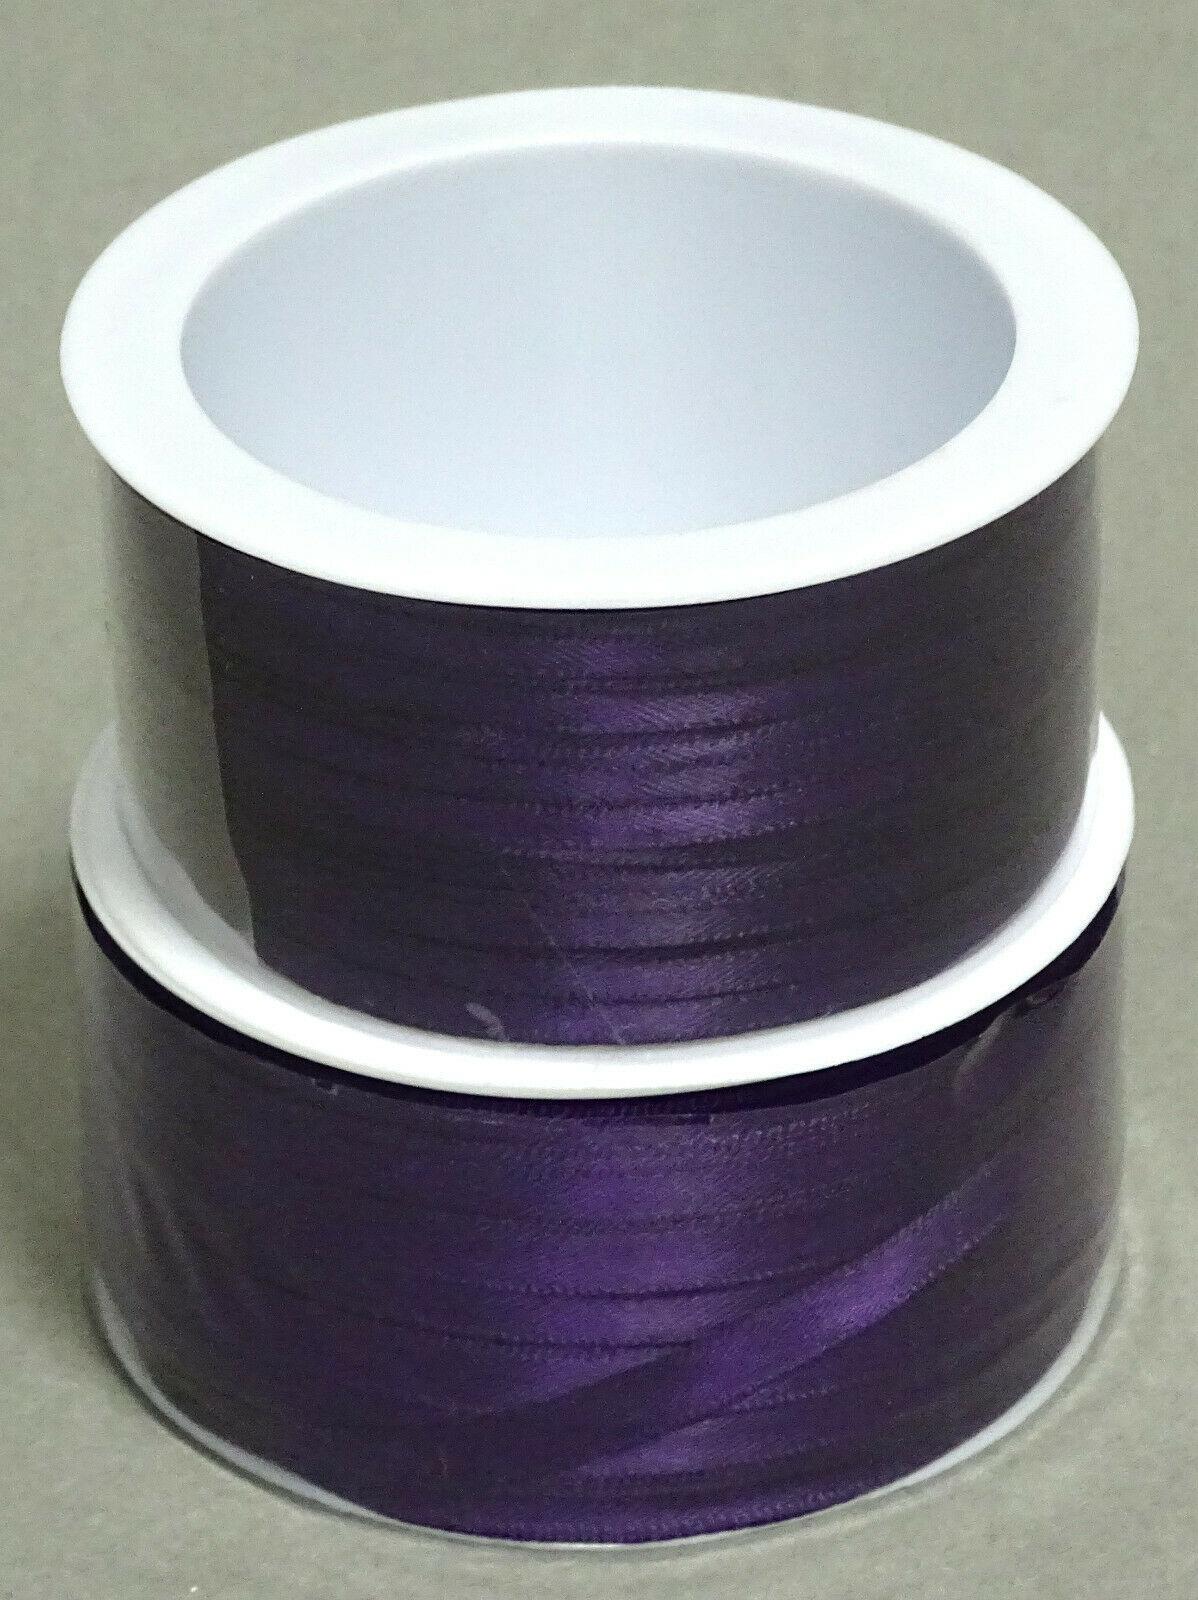 Satinband Schleifenband 50m x 3mm / 6mm Dekoband ab 0,05 €/m Geschenkband Rolle - Violett 133, 3 mm x 50 m